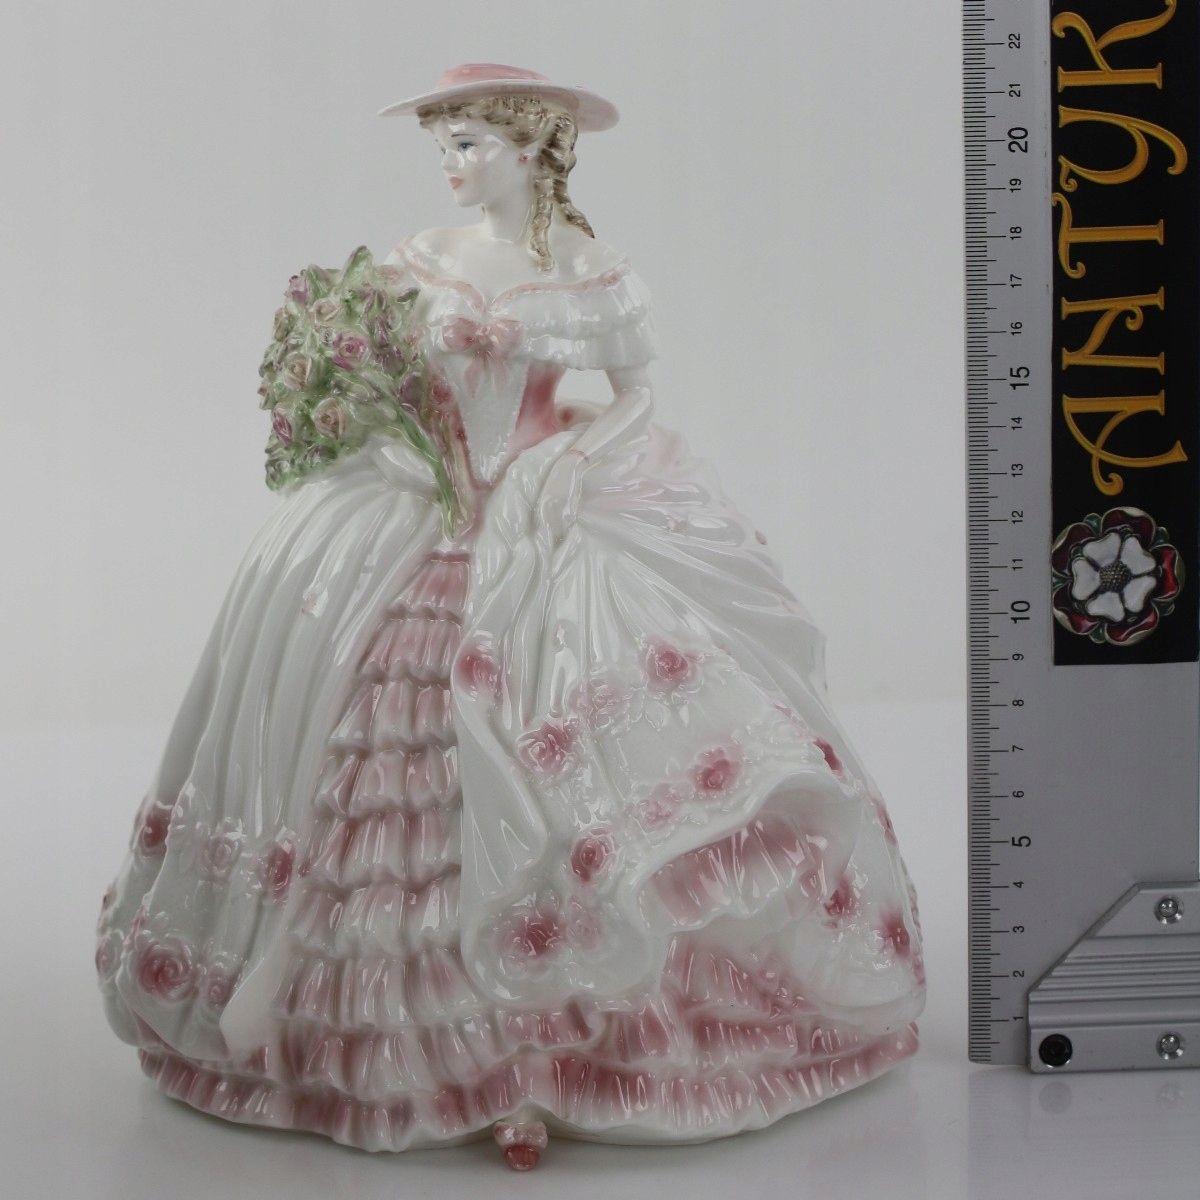 Antyk Figurka Coalport 7508402692 Oficjalne Archiwum Allegro Victorian Dress Dresses Fashion